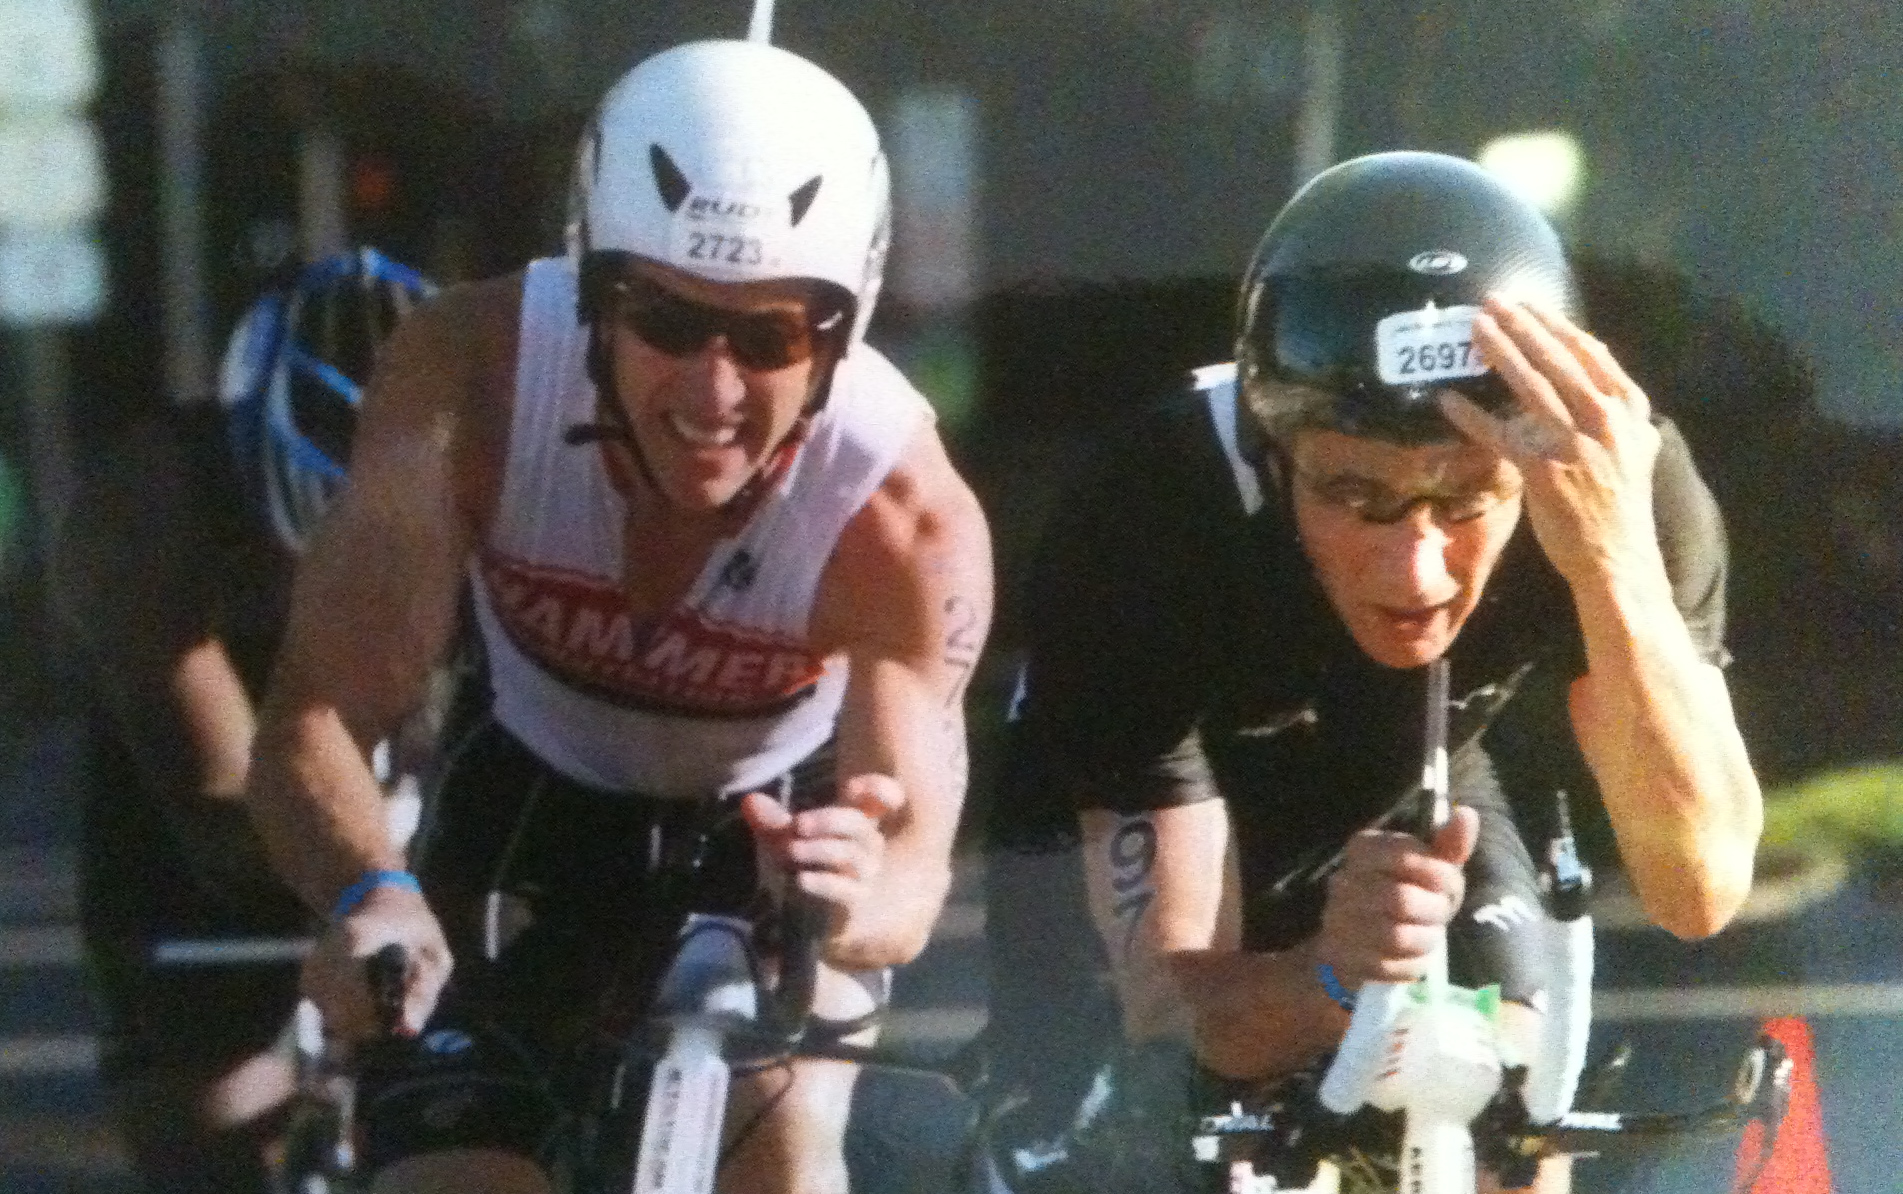 linc_bike_race2.jpg